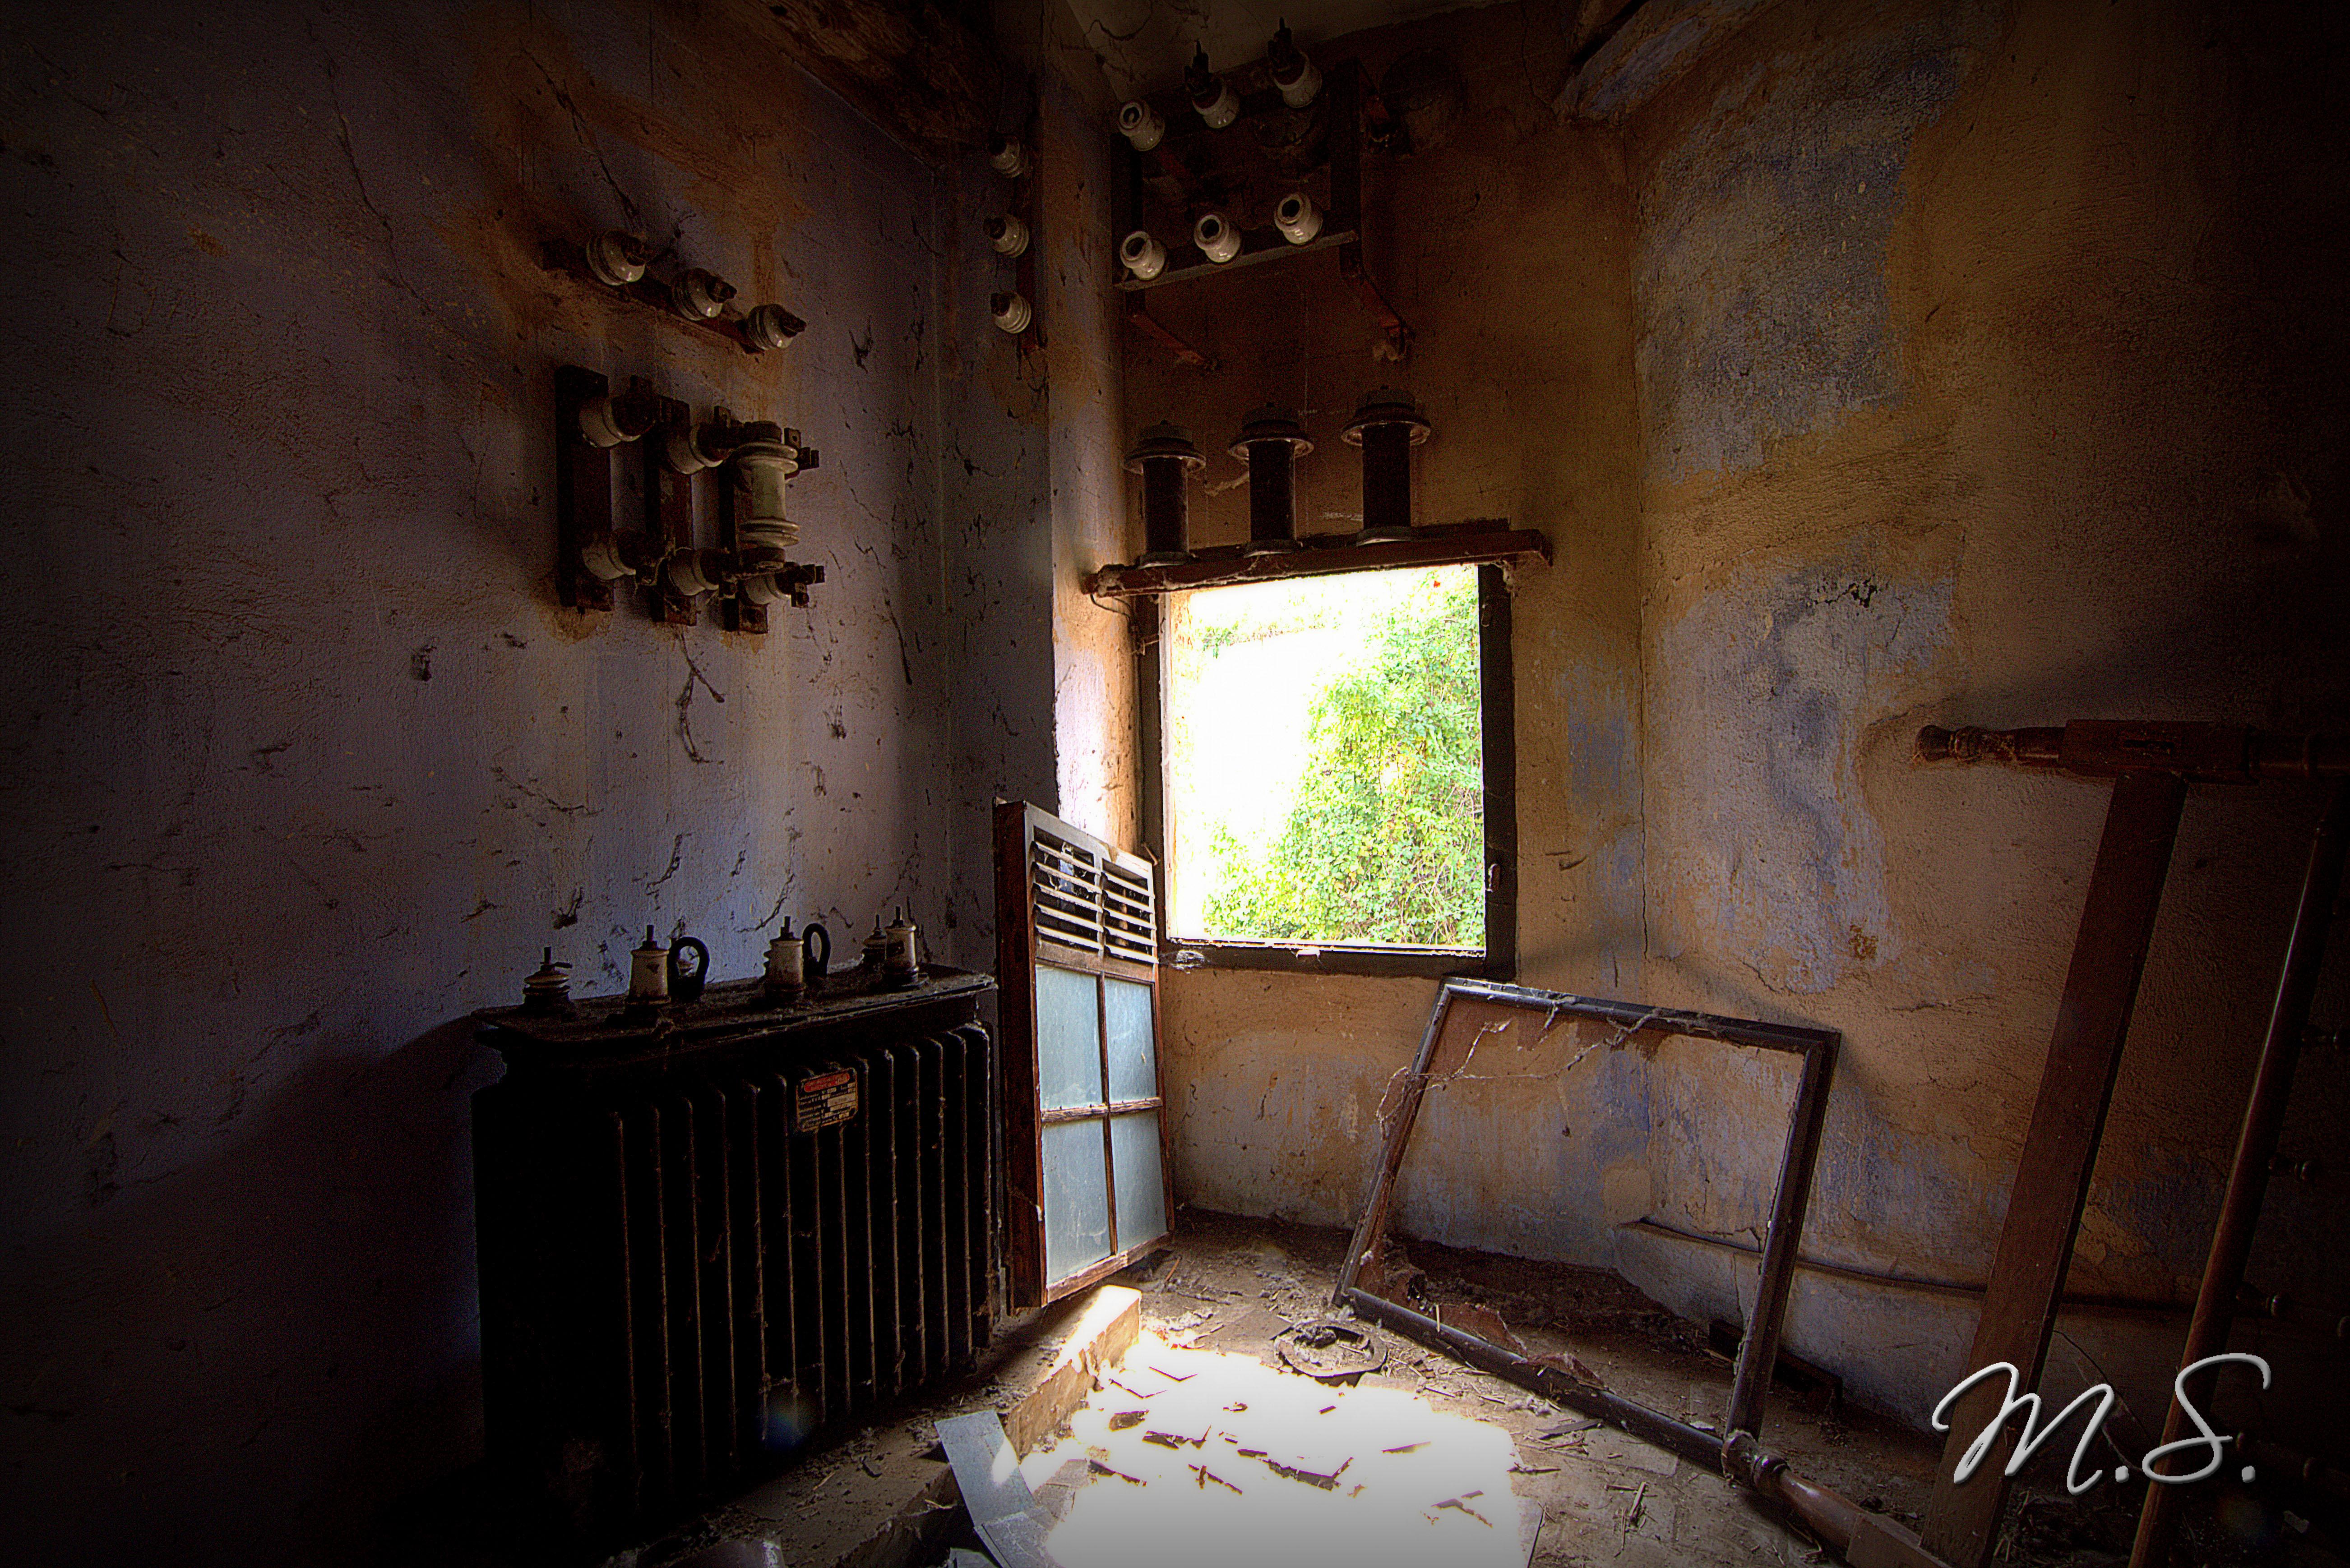 radiador y cuadro de luces viejo